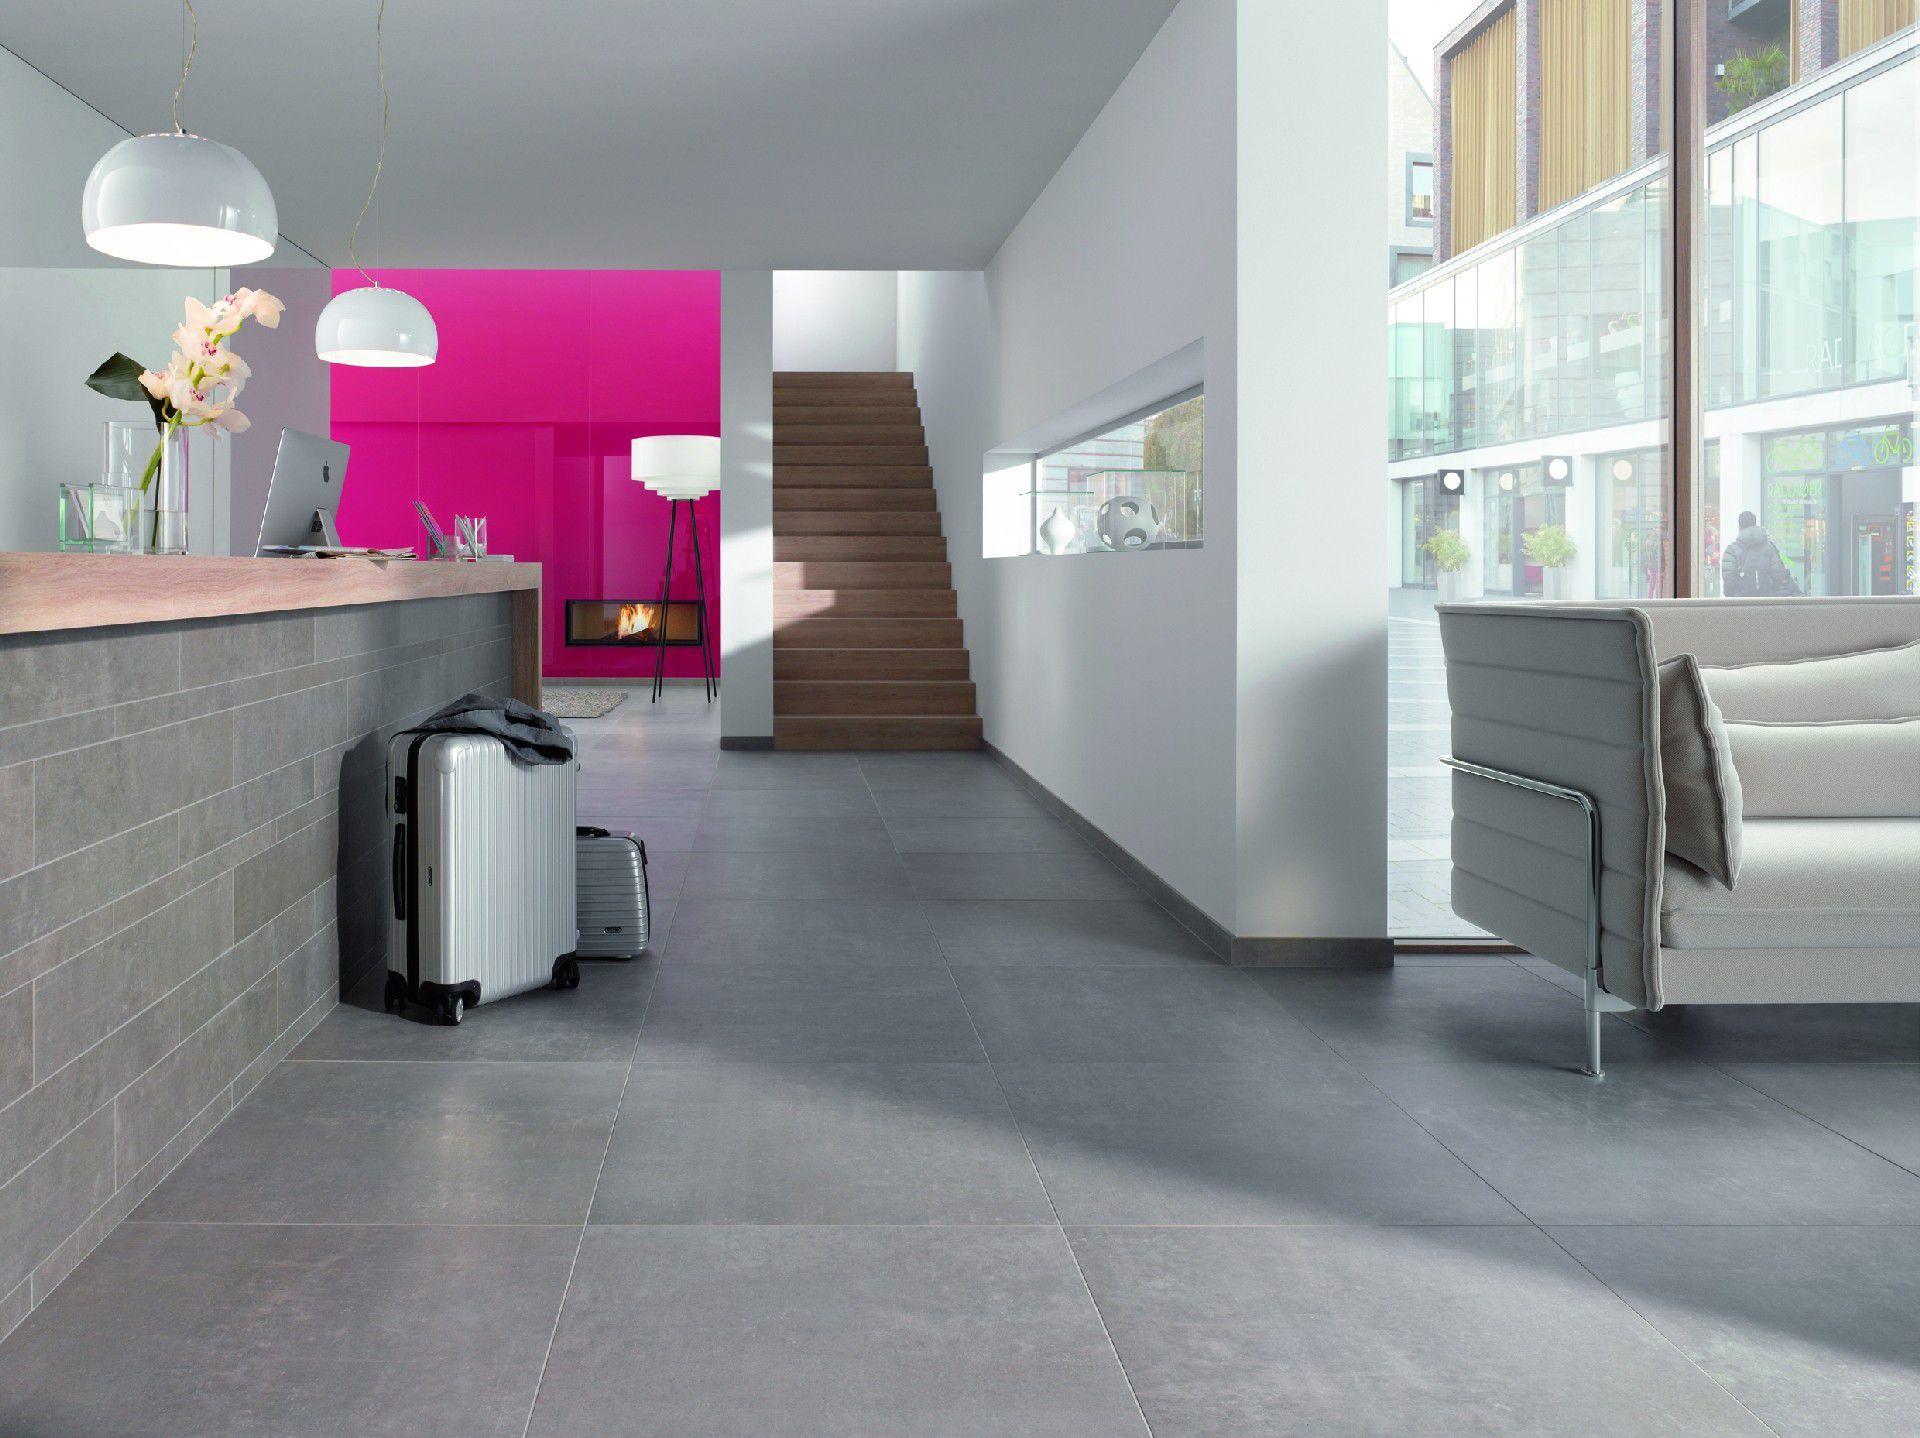 Carrelage sol urban light grey 61x61 for Carrelage 75x75 prix